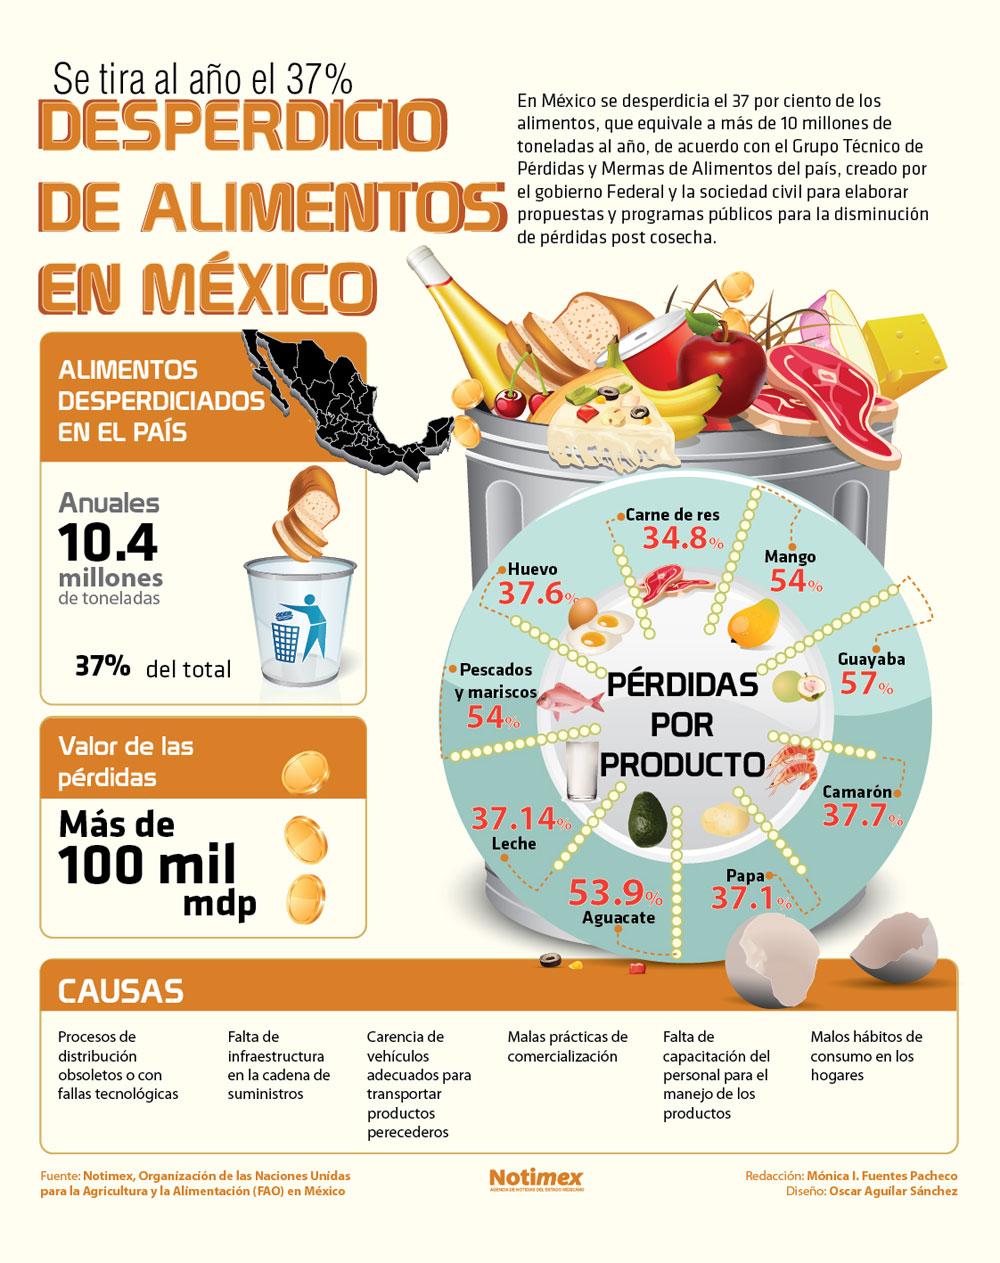 Desperdicio de alimentos en México